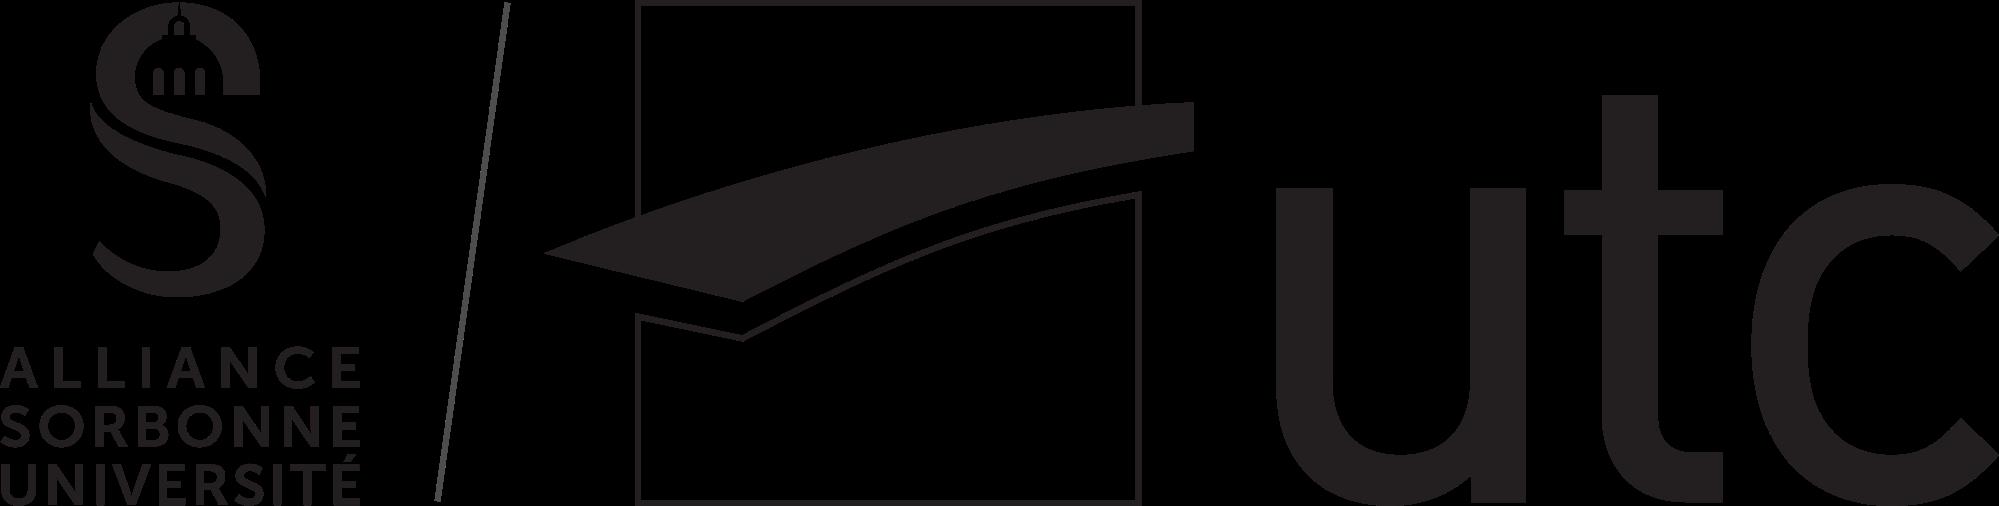 logos/UTC/logo_UTC_BW.png